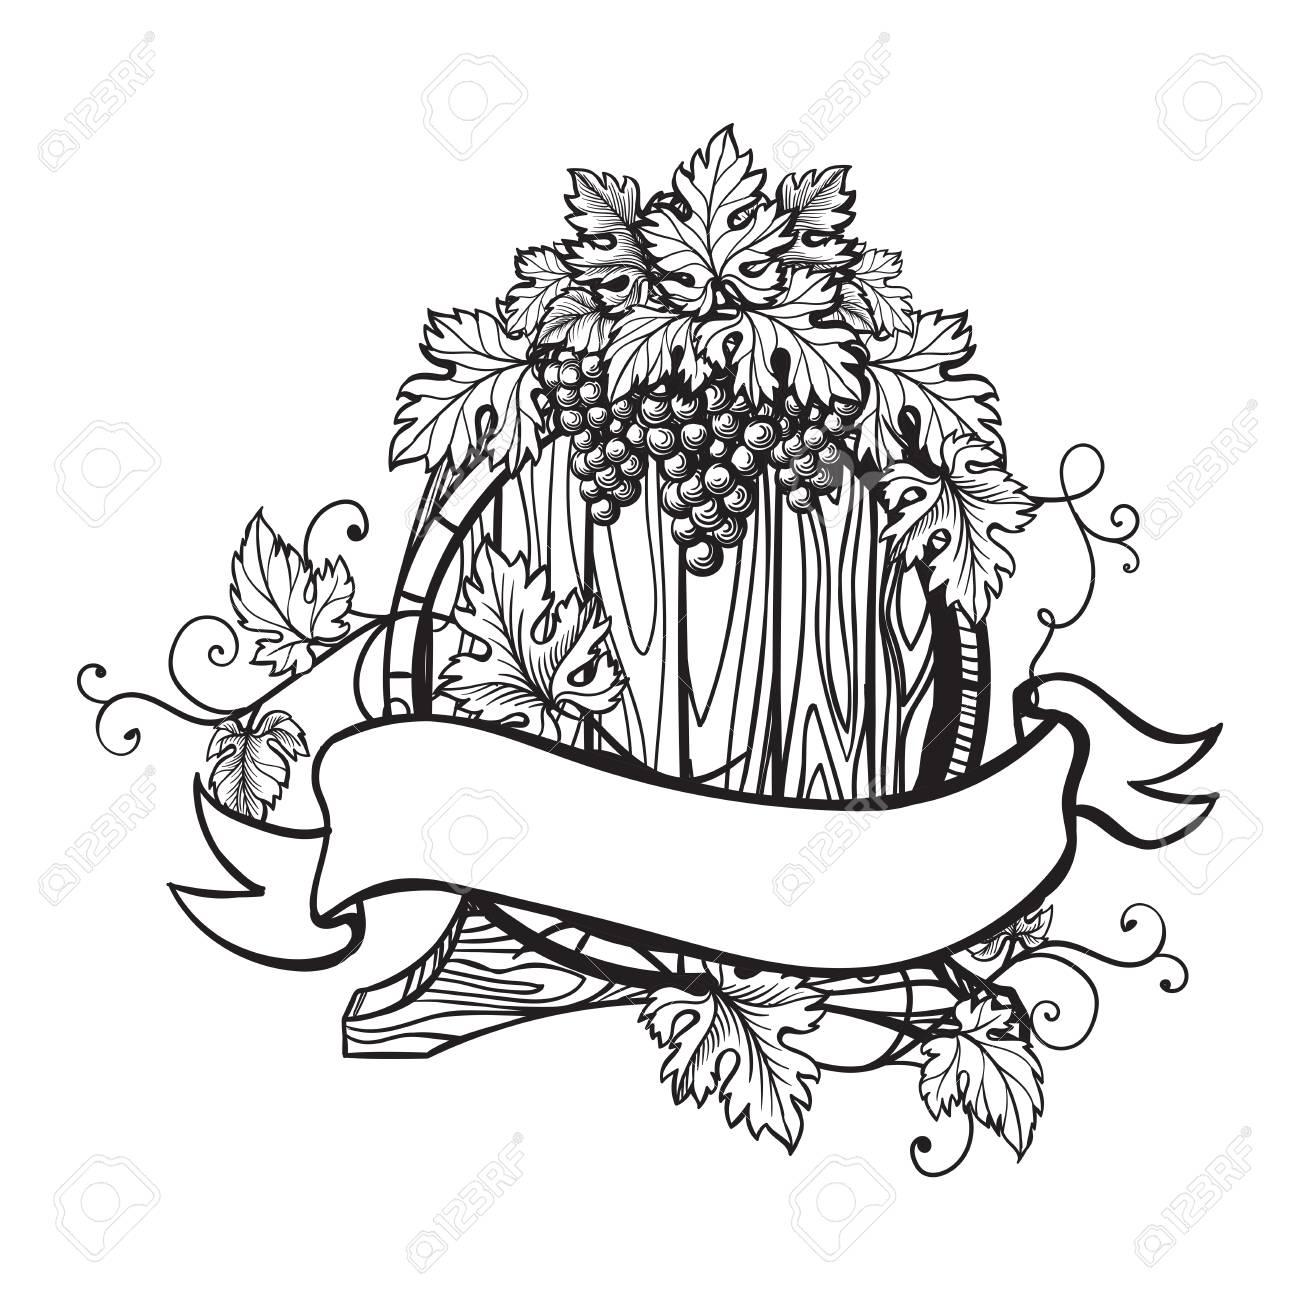 Vector sketch of grapes, wine barrel on background for design